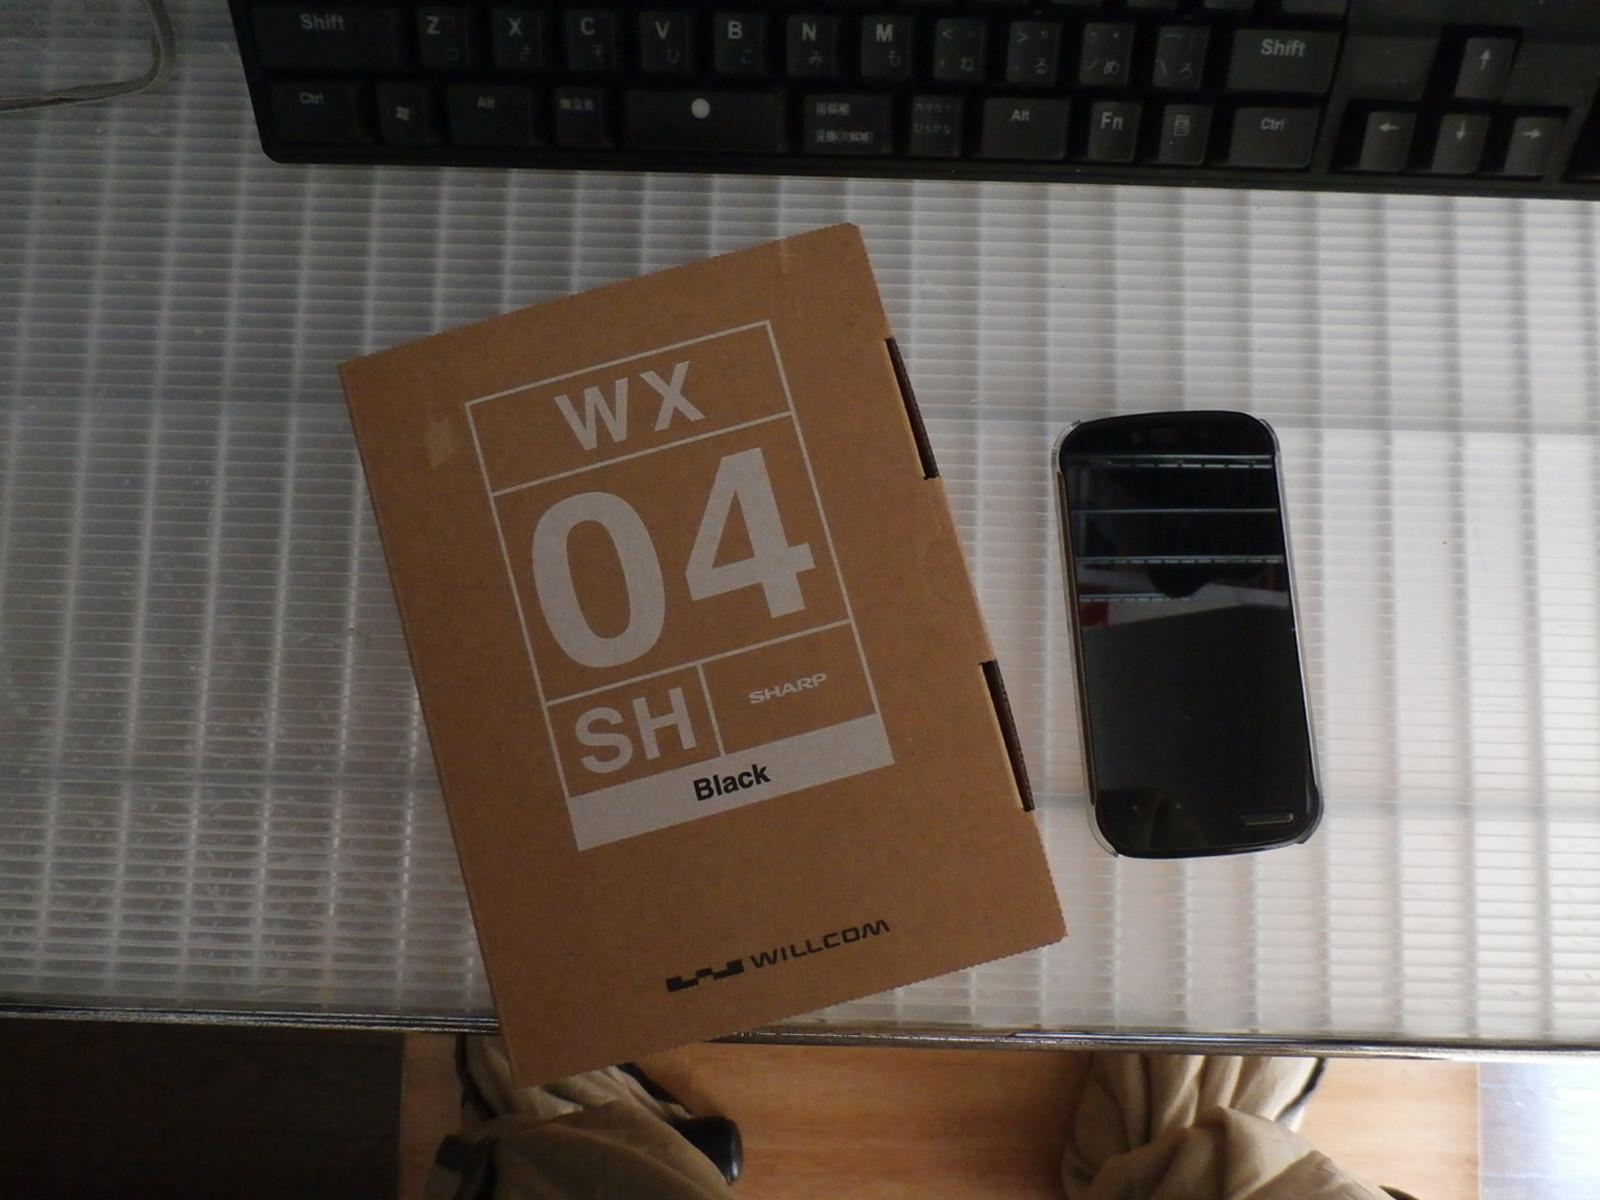 Wx04sh_pake